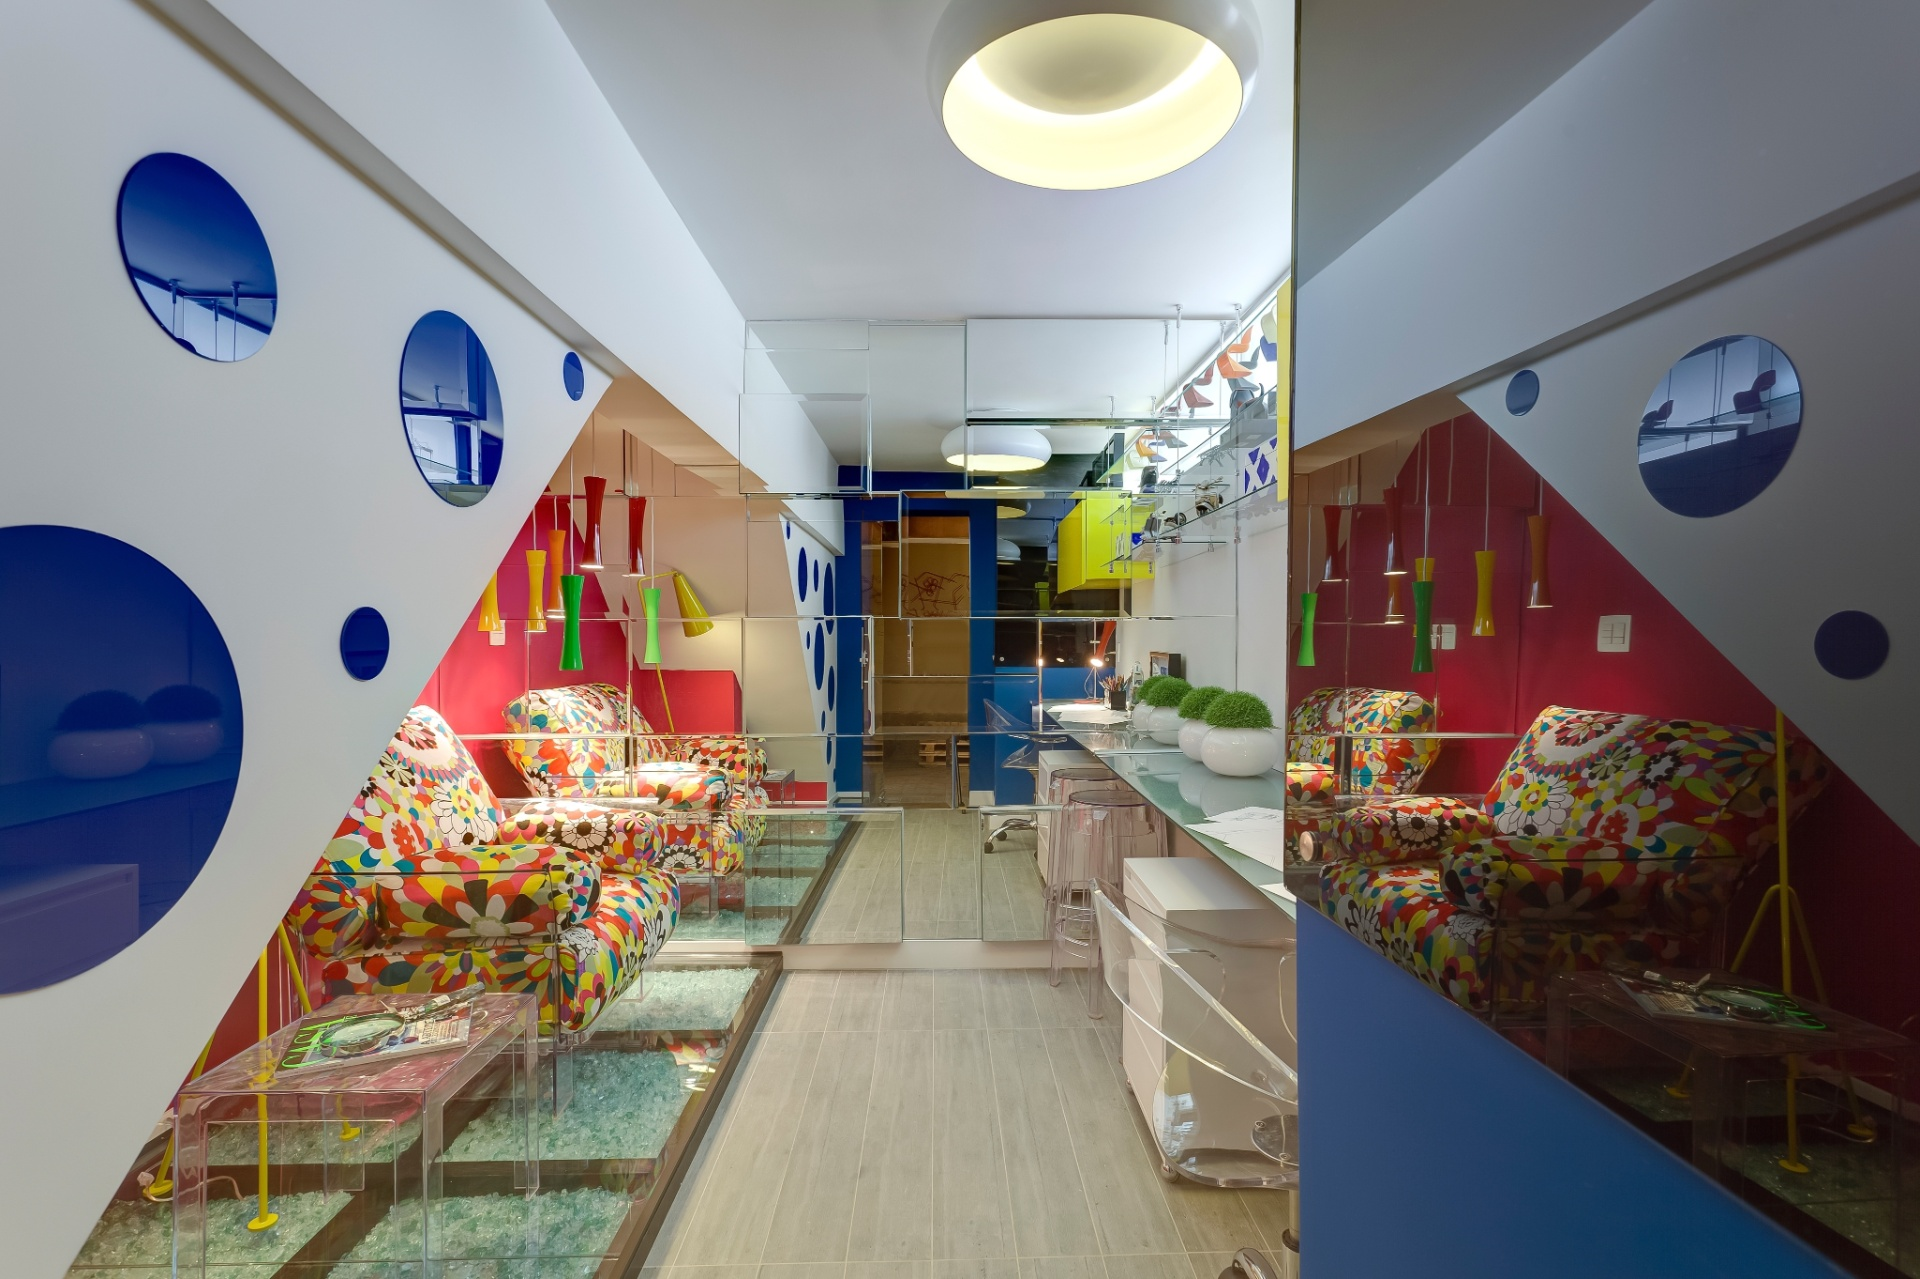 Estúdio do Designer criado por Débora Mendes para a Morar Mais por Menos em Belo Horizonte, Minas Gerais (16/08 a 30/09/2012): no ambiente duas paredes são compostas por vidros coloridos e espelhos bisotados que seriam descartados